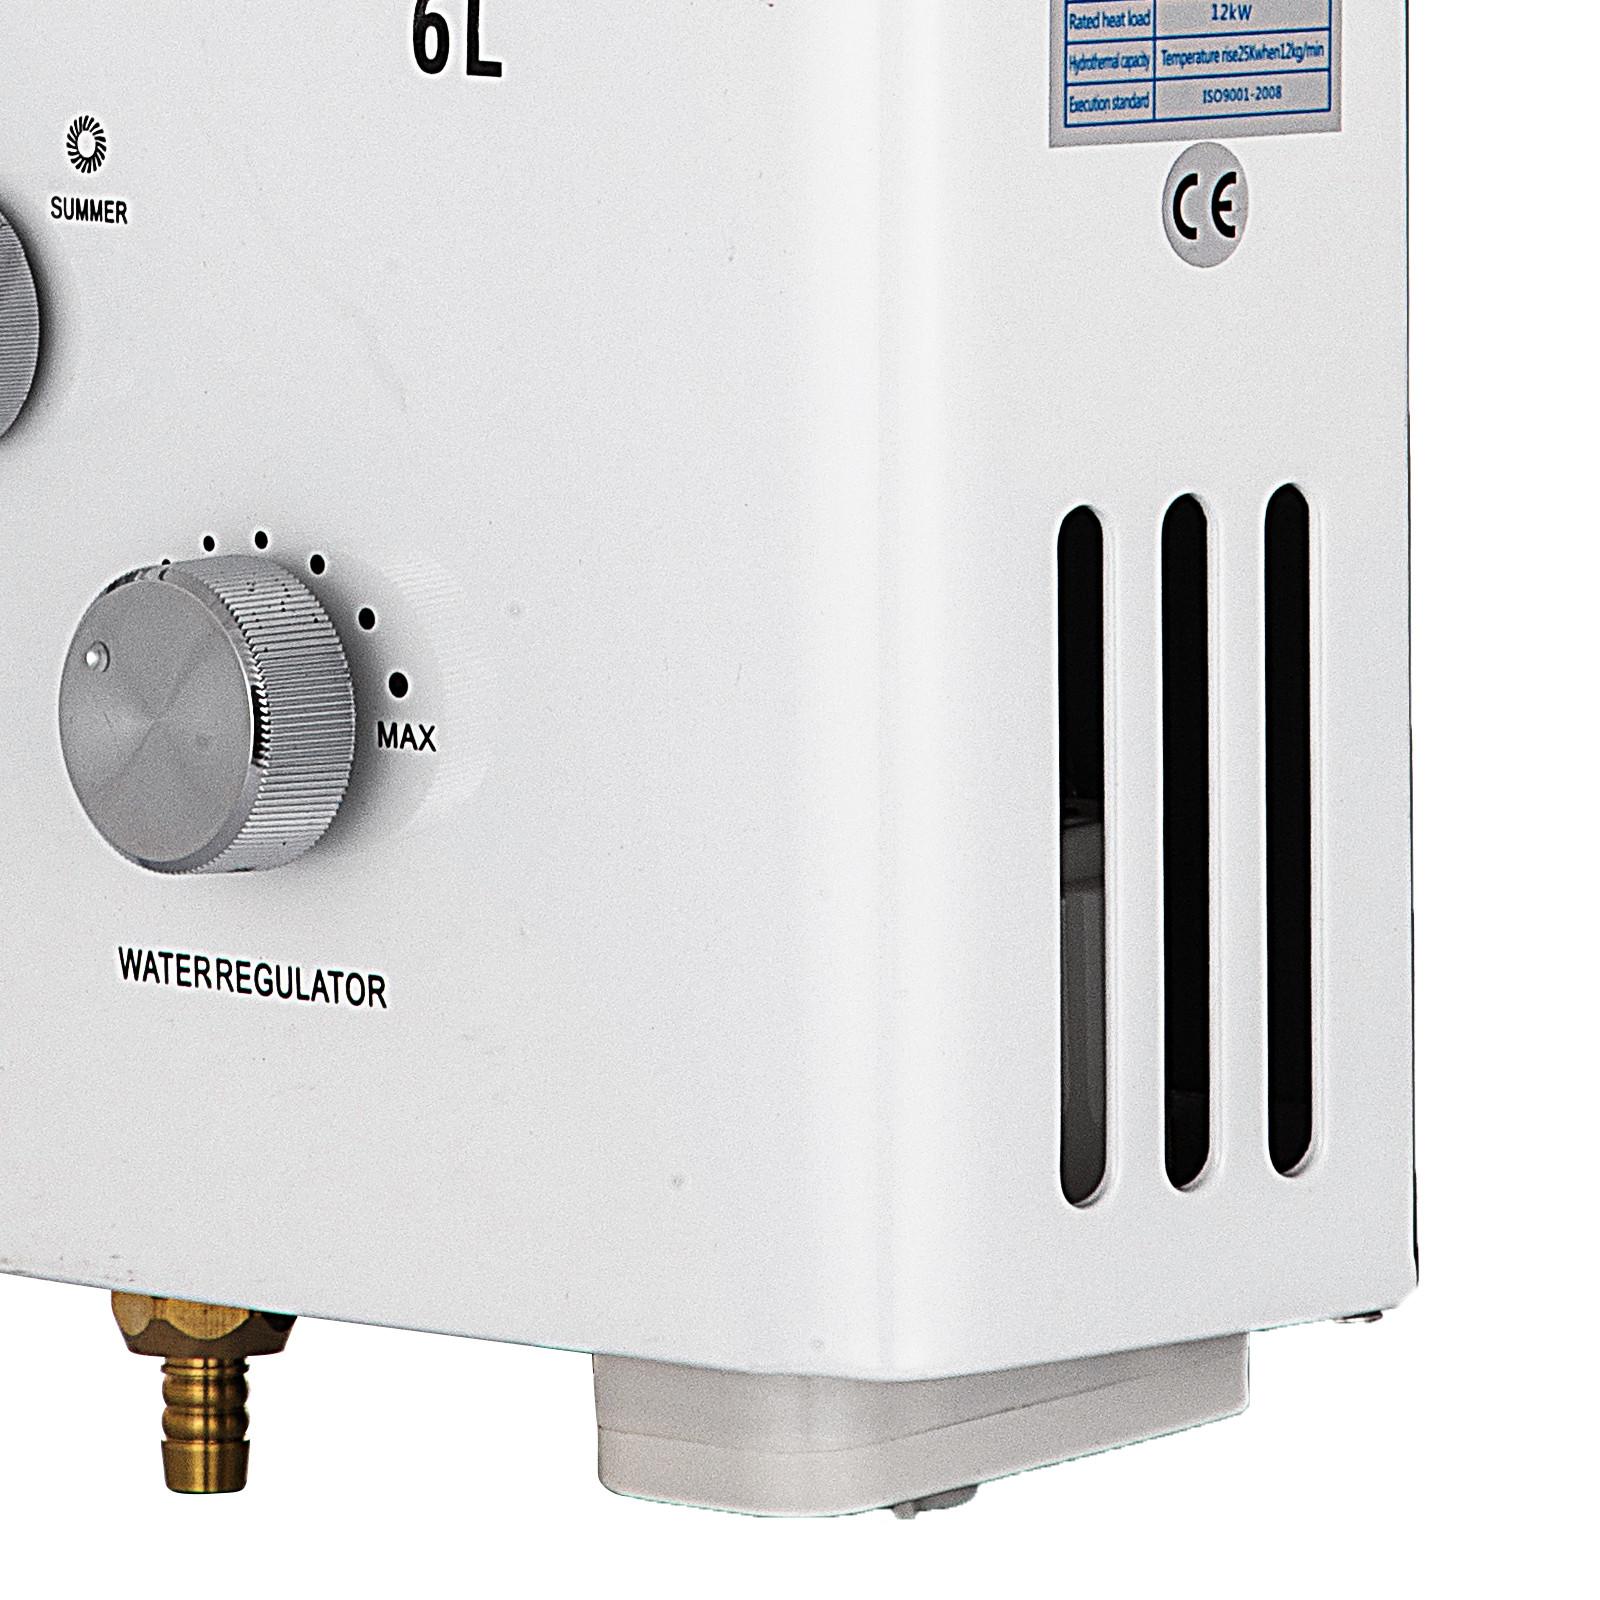 Propangas-Gas-Durchlauferhitzer-Warmwasserbereiter-Boiler-Warmwasserspeicher Indexbild 21